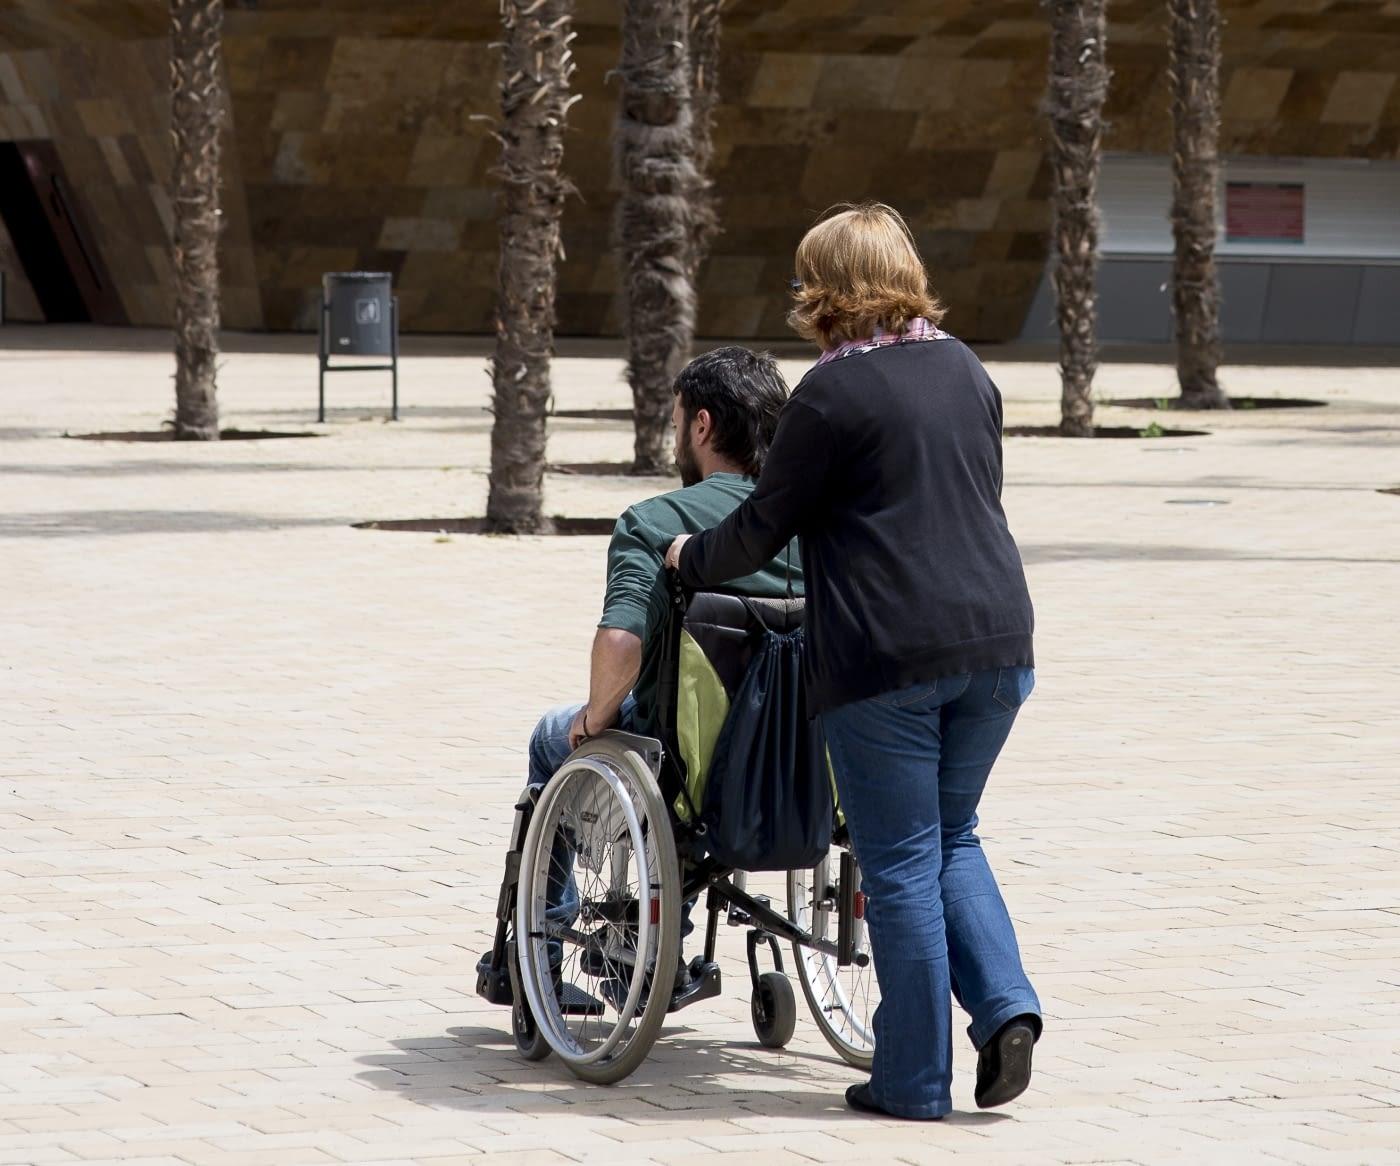 Plan piloto de ASPID para promocionar que personas con discapacidad disfruten de una vida mas independiente